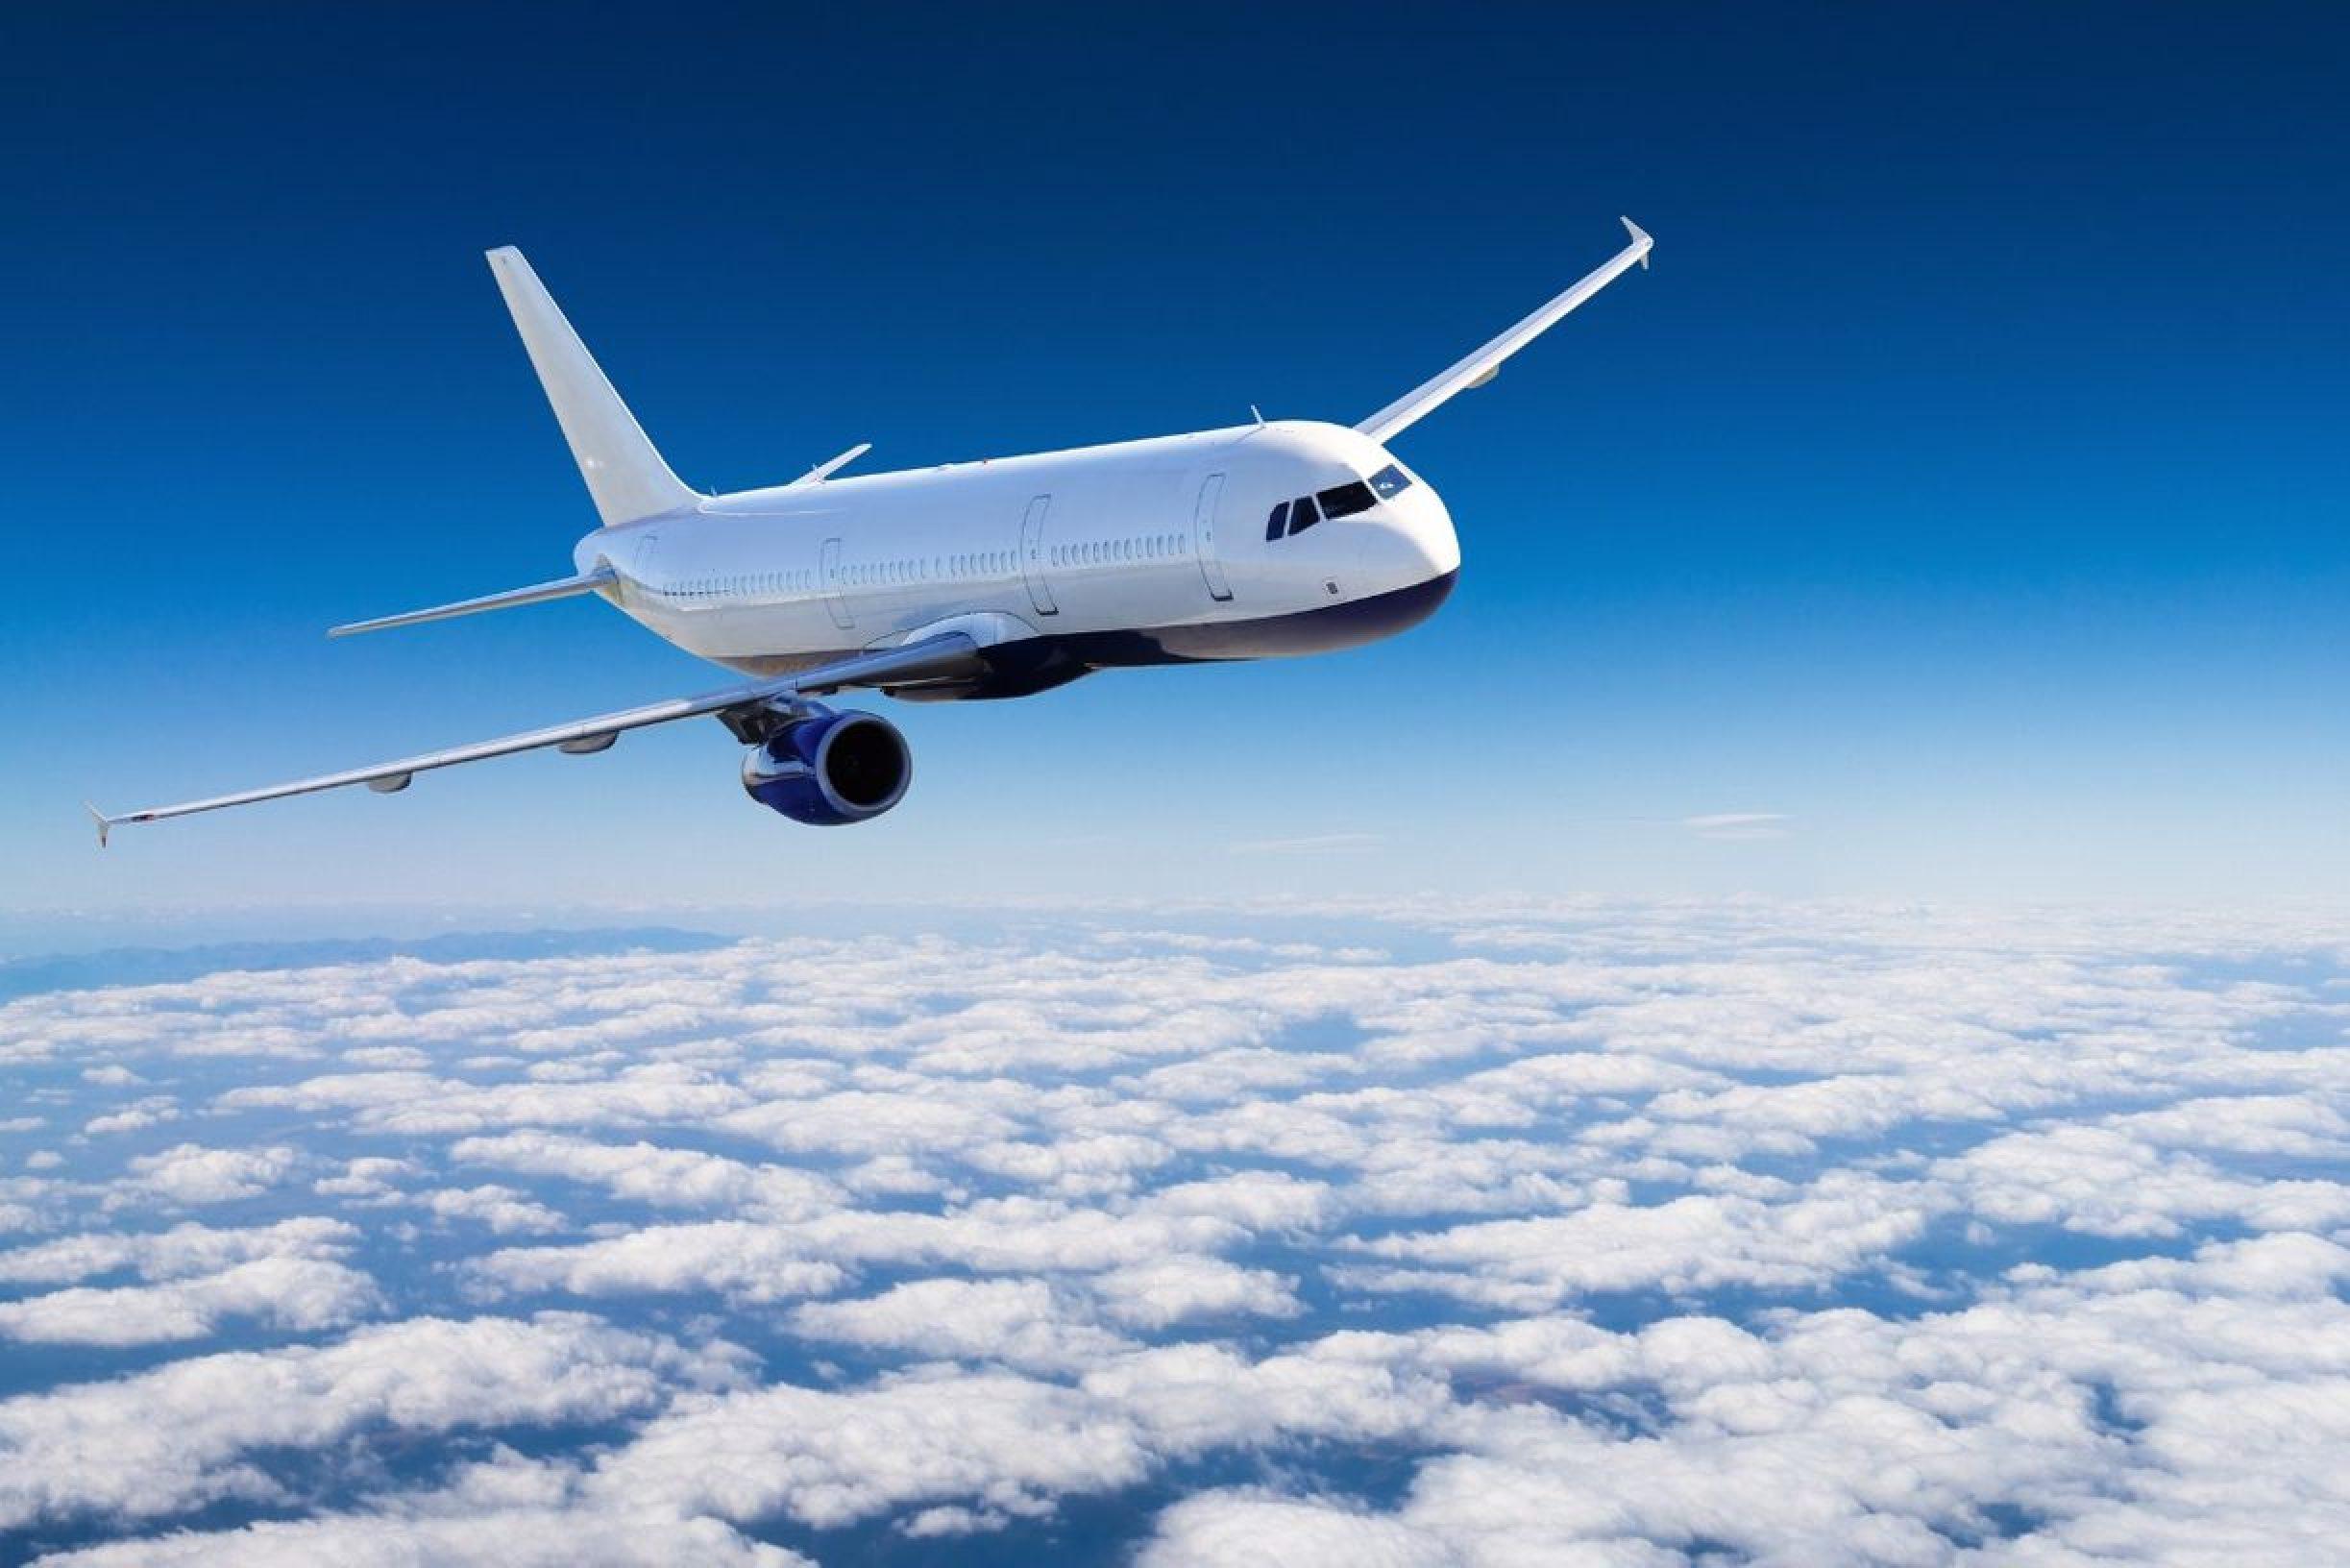 В Казахстане лишили лицензий три авиакомпании: в чем их обвиняют